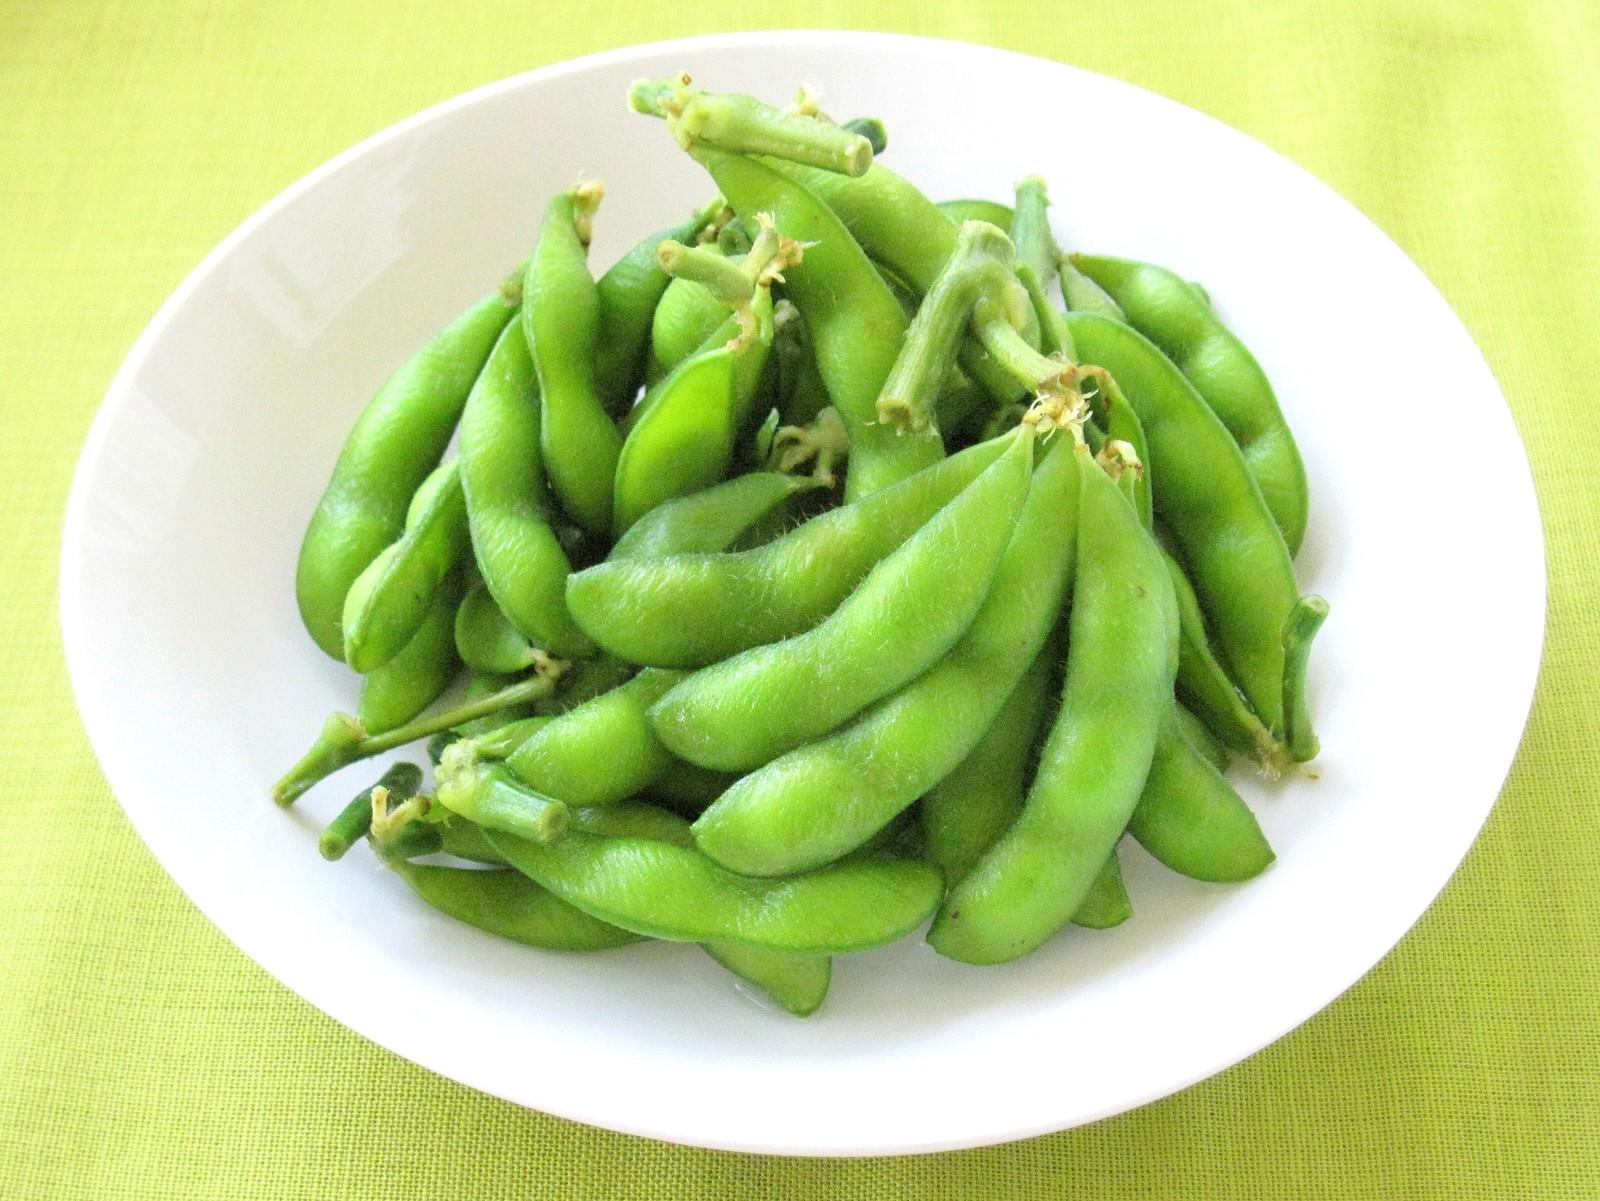 「枝つき枝豆」の写真